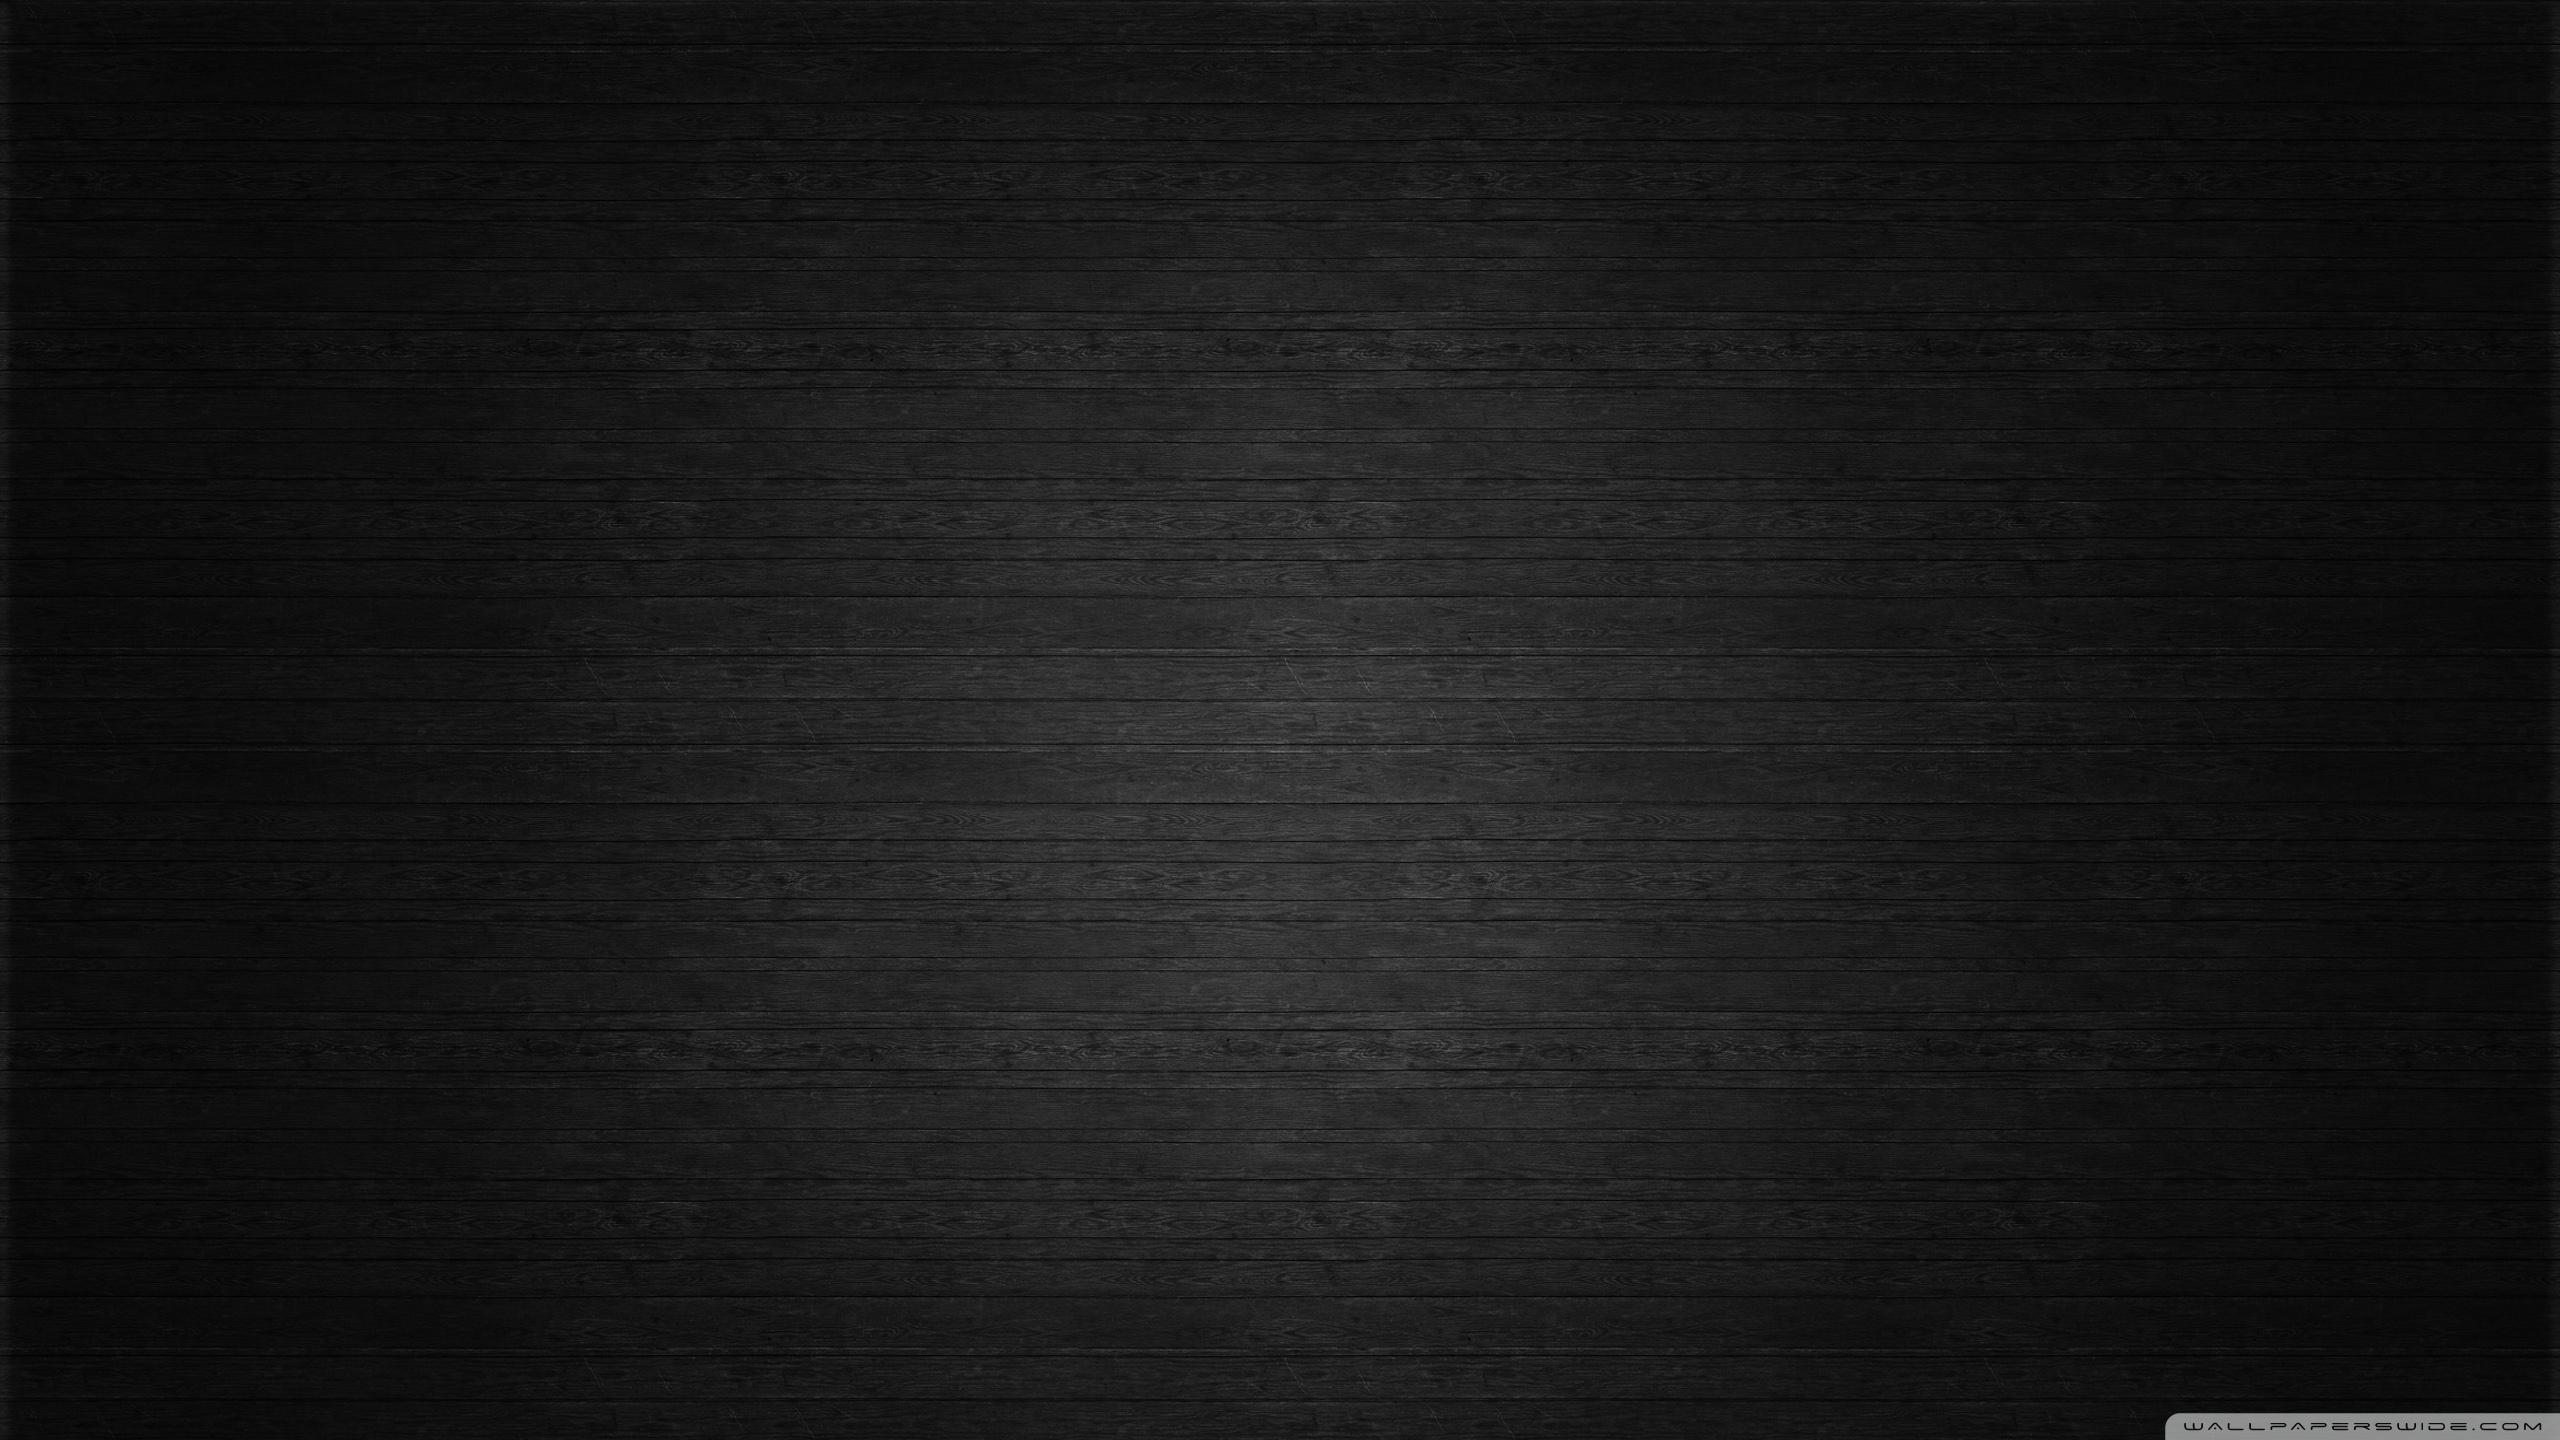 2560 x 1440 Wallpaper Black - WallpaperSafari